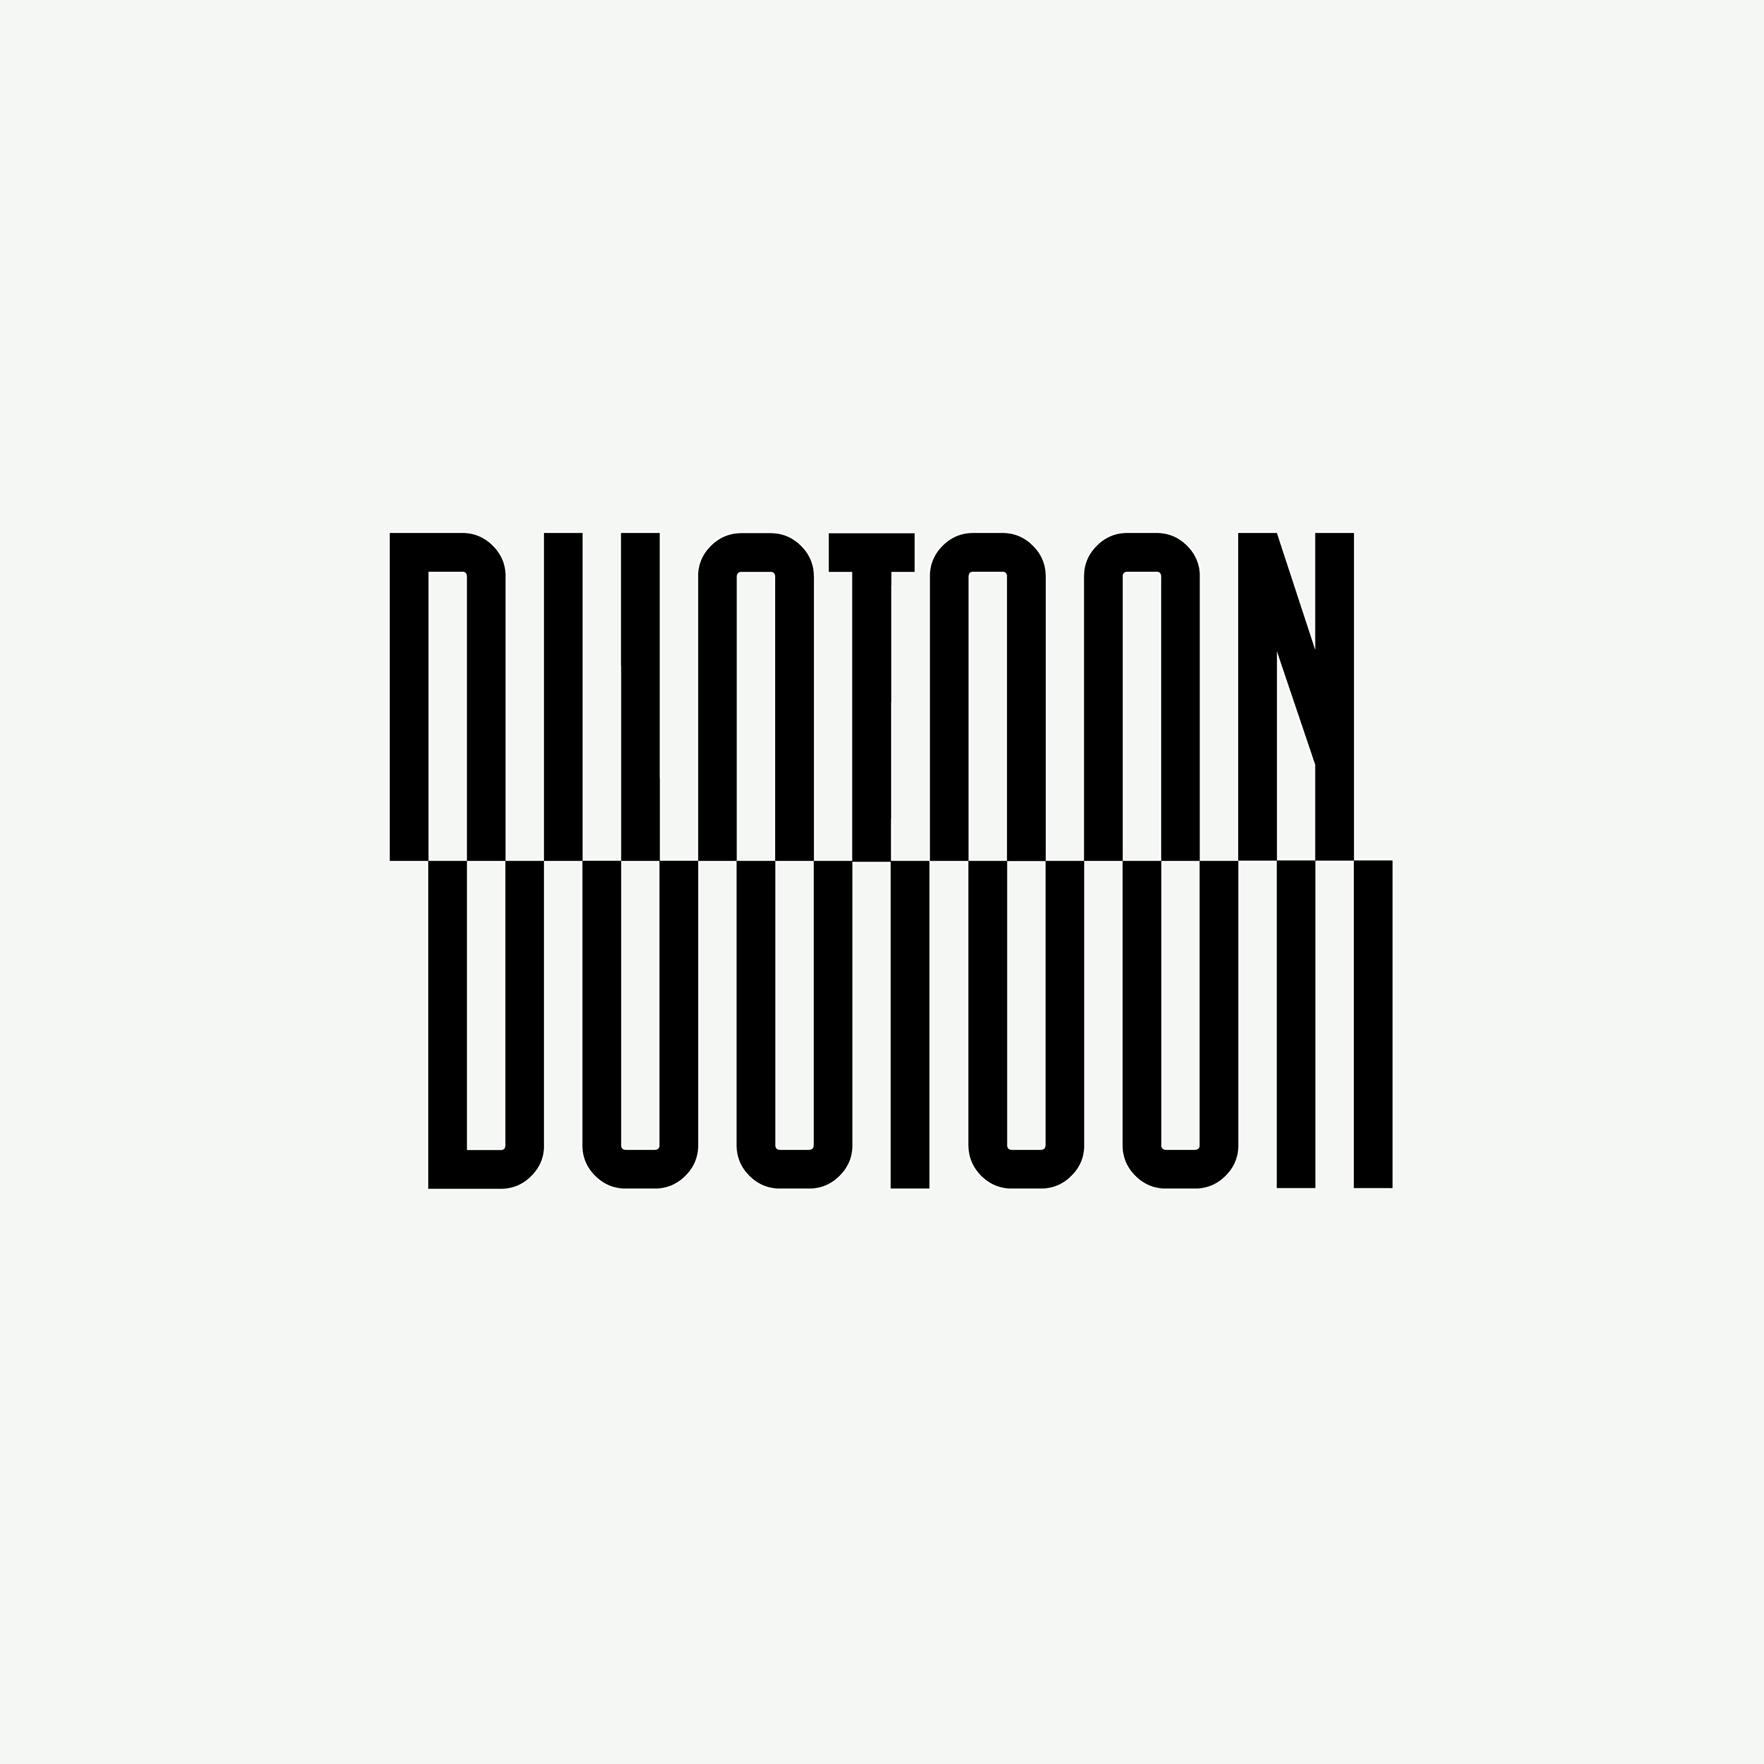 Duotoon - Music + Art